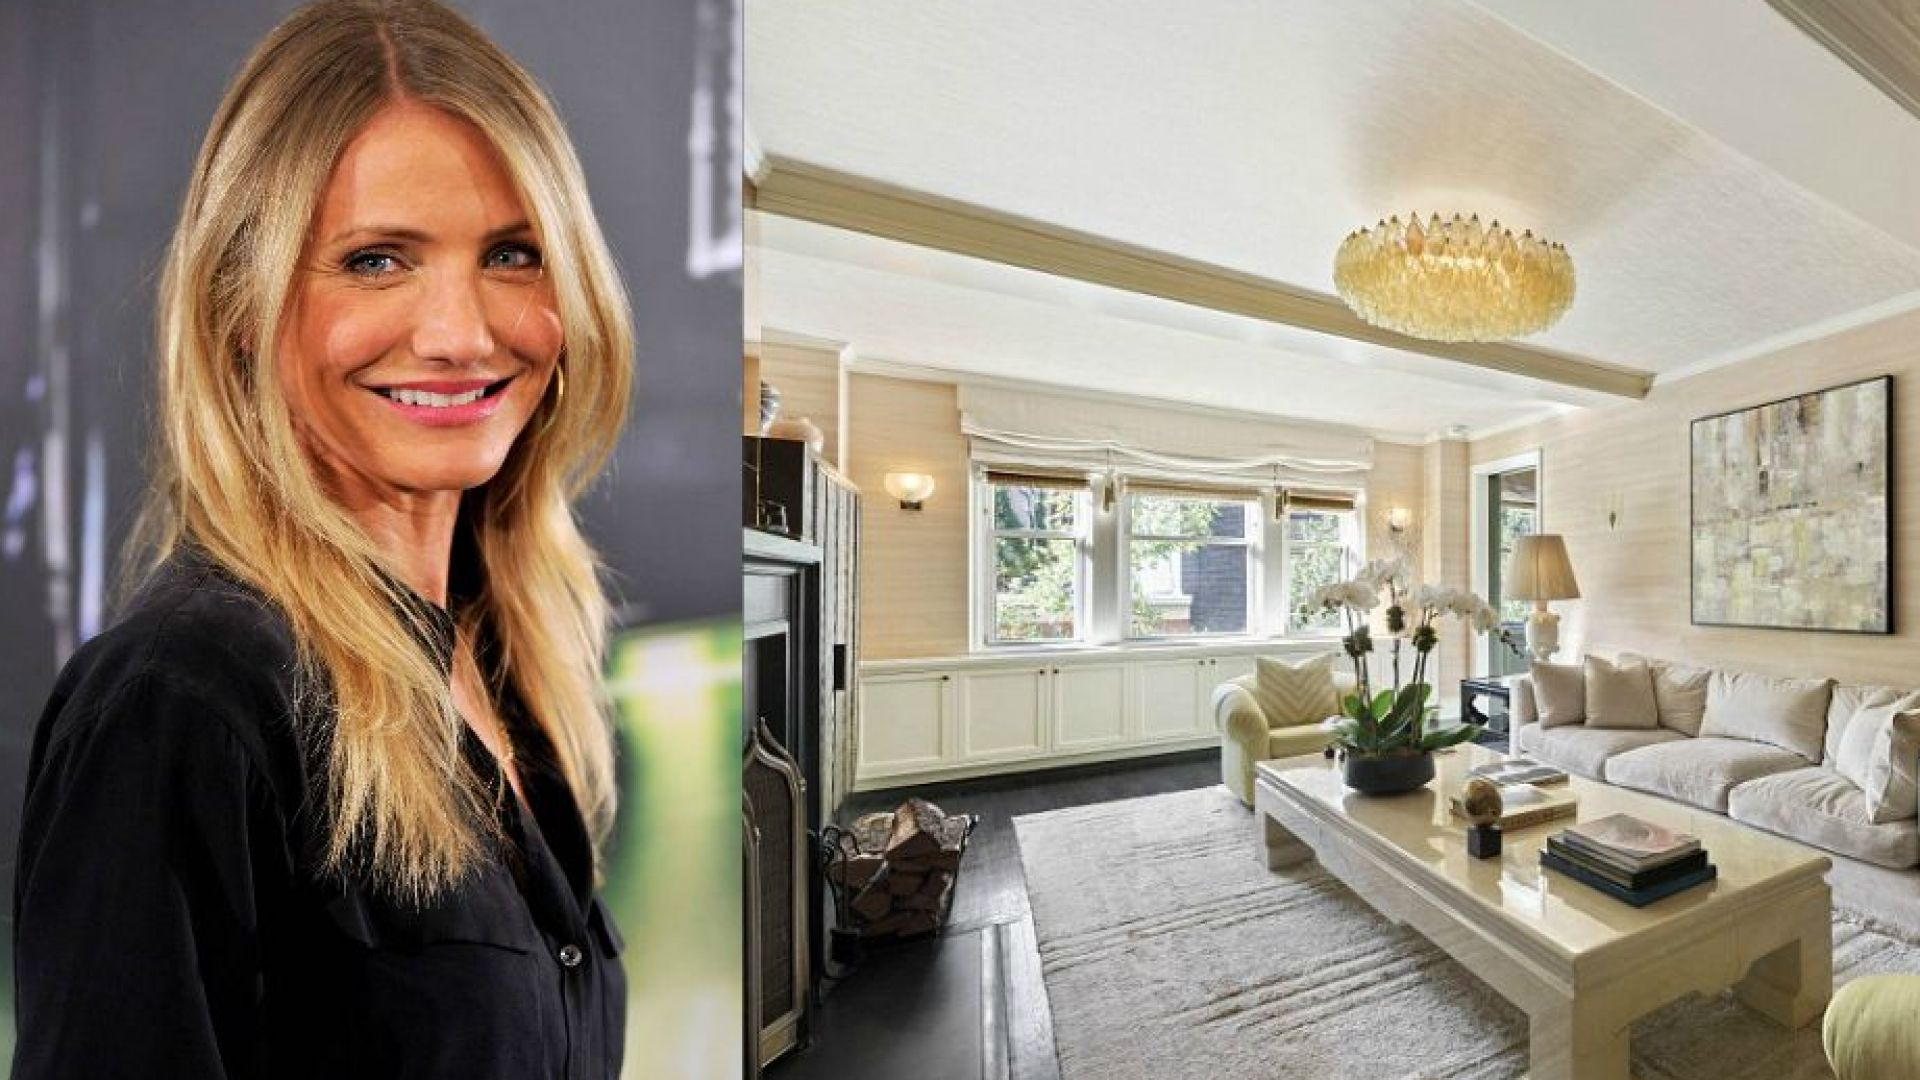 Вижте уютния апартамент на Камерън Диас в Ню Йорк, който актрисата продаде за $4 млн.